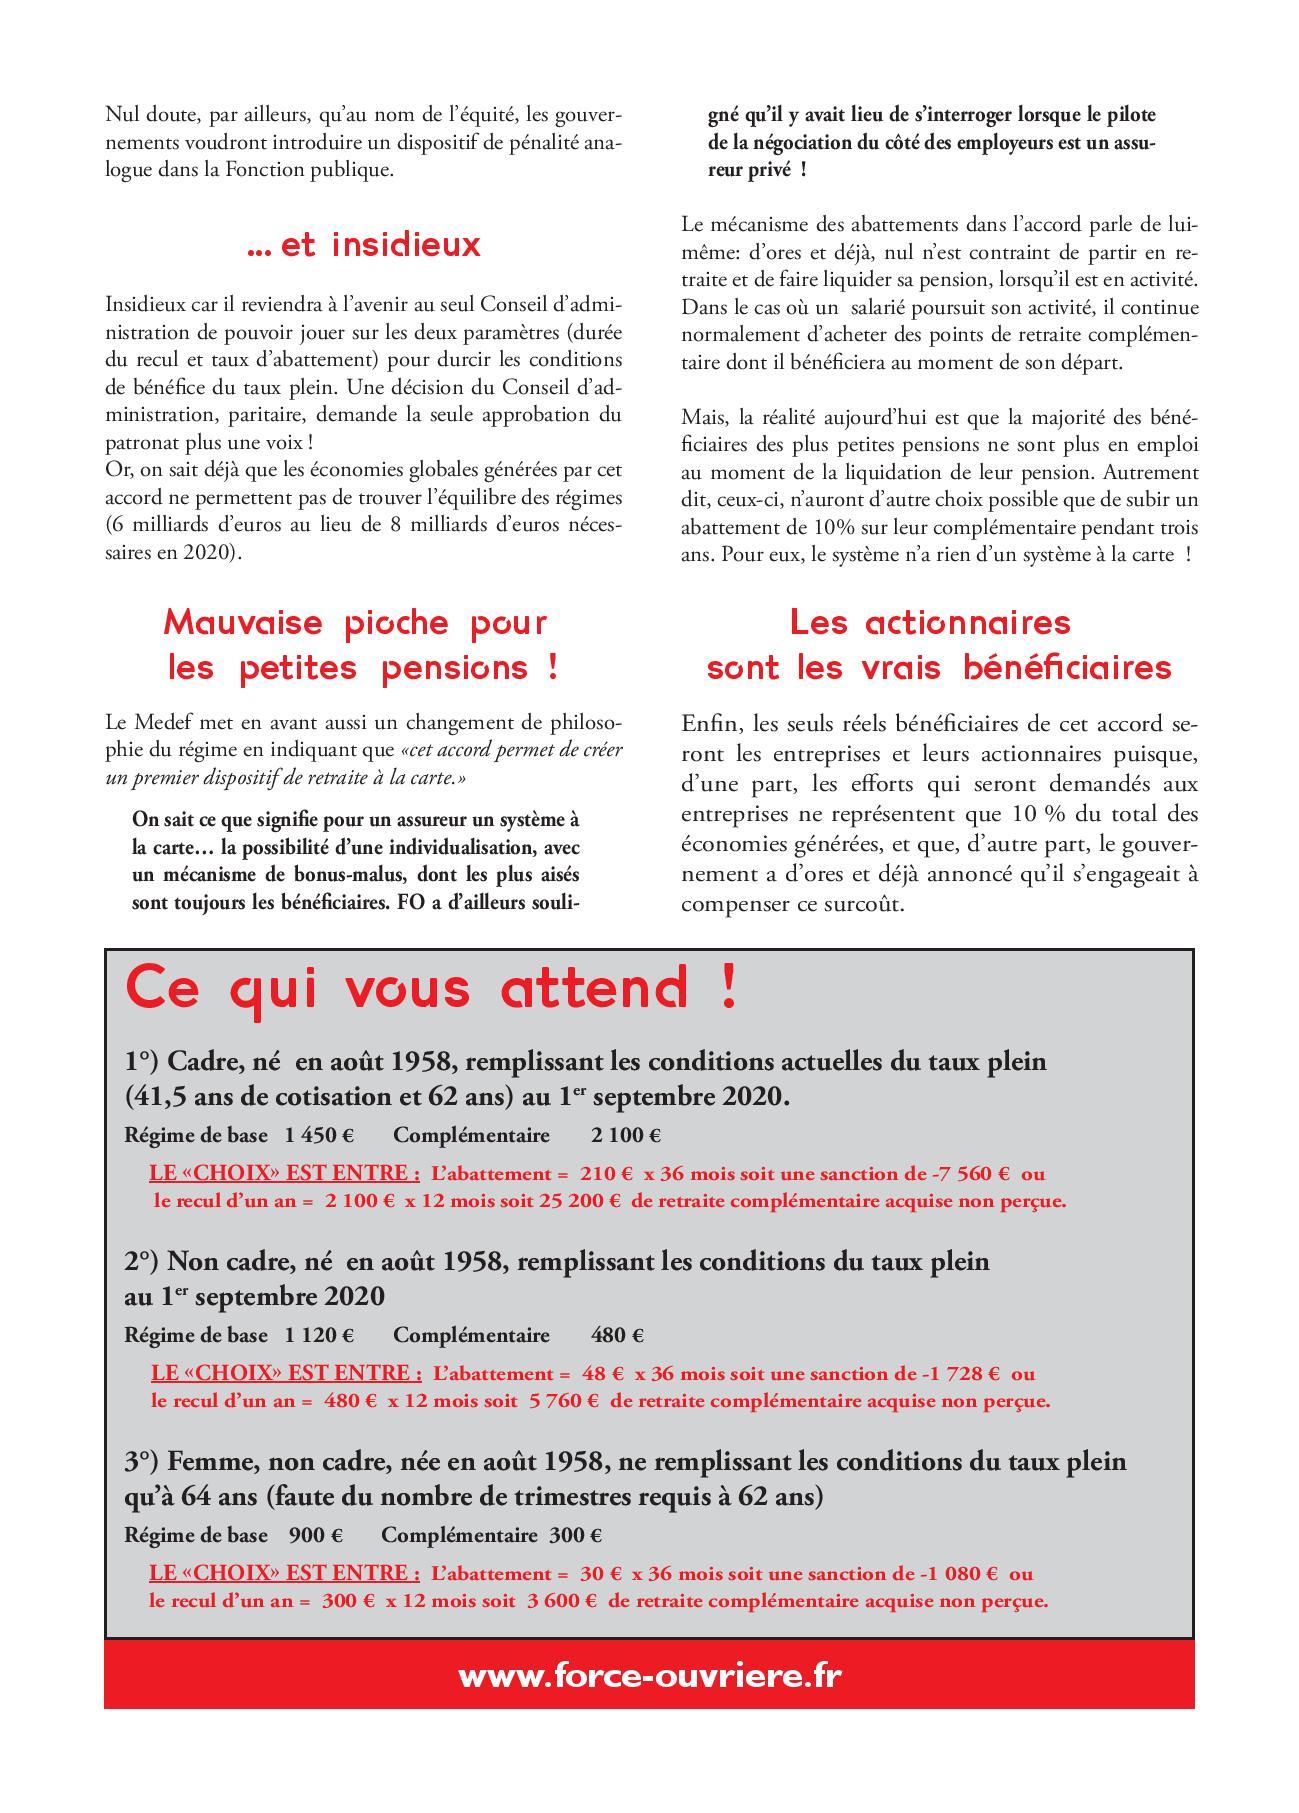 retraites-complementaires-suite-page-002